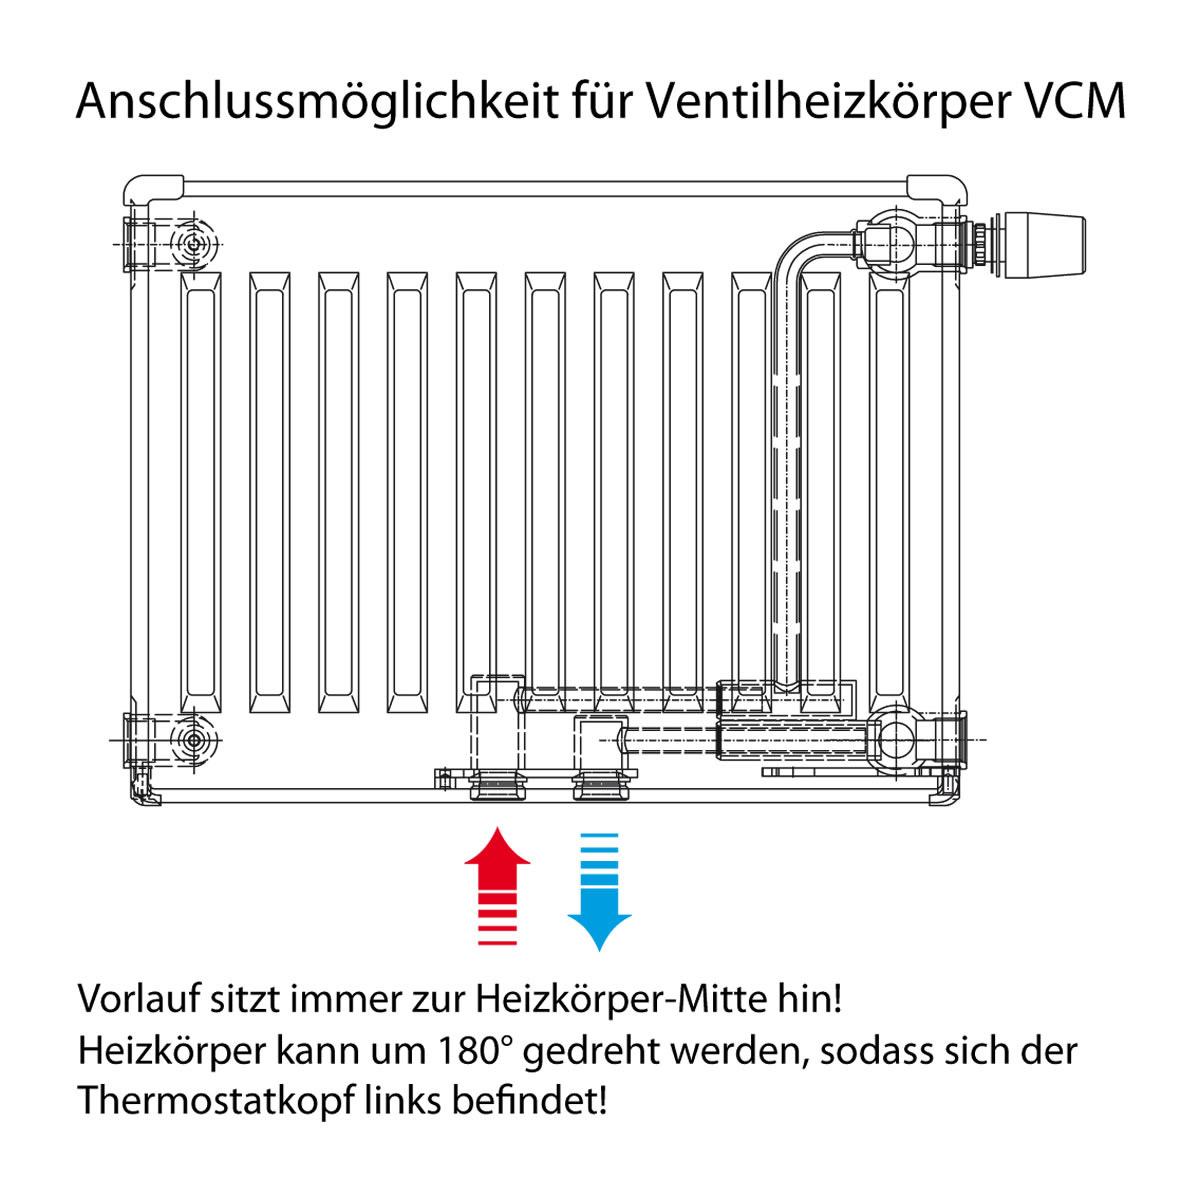 heizkörper thermostatkopf auf andere seite versetzen - haustechnikdialog